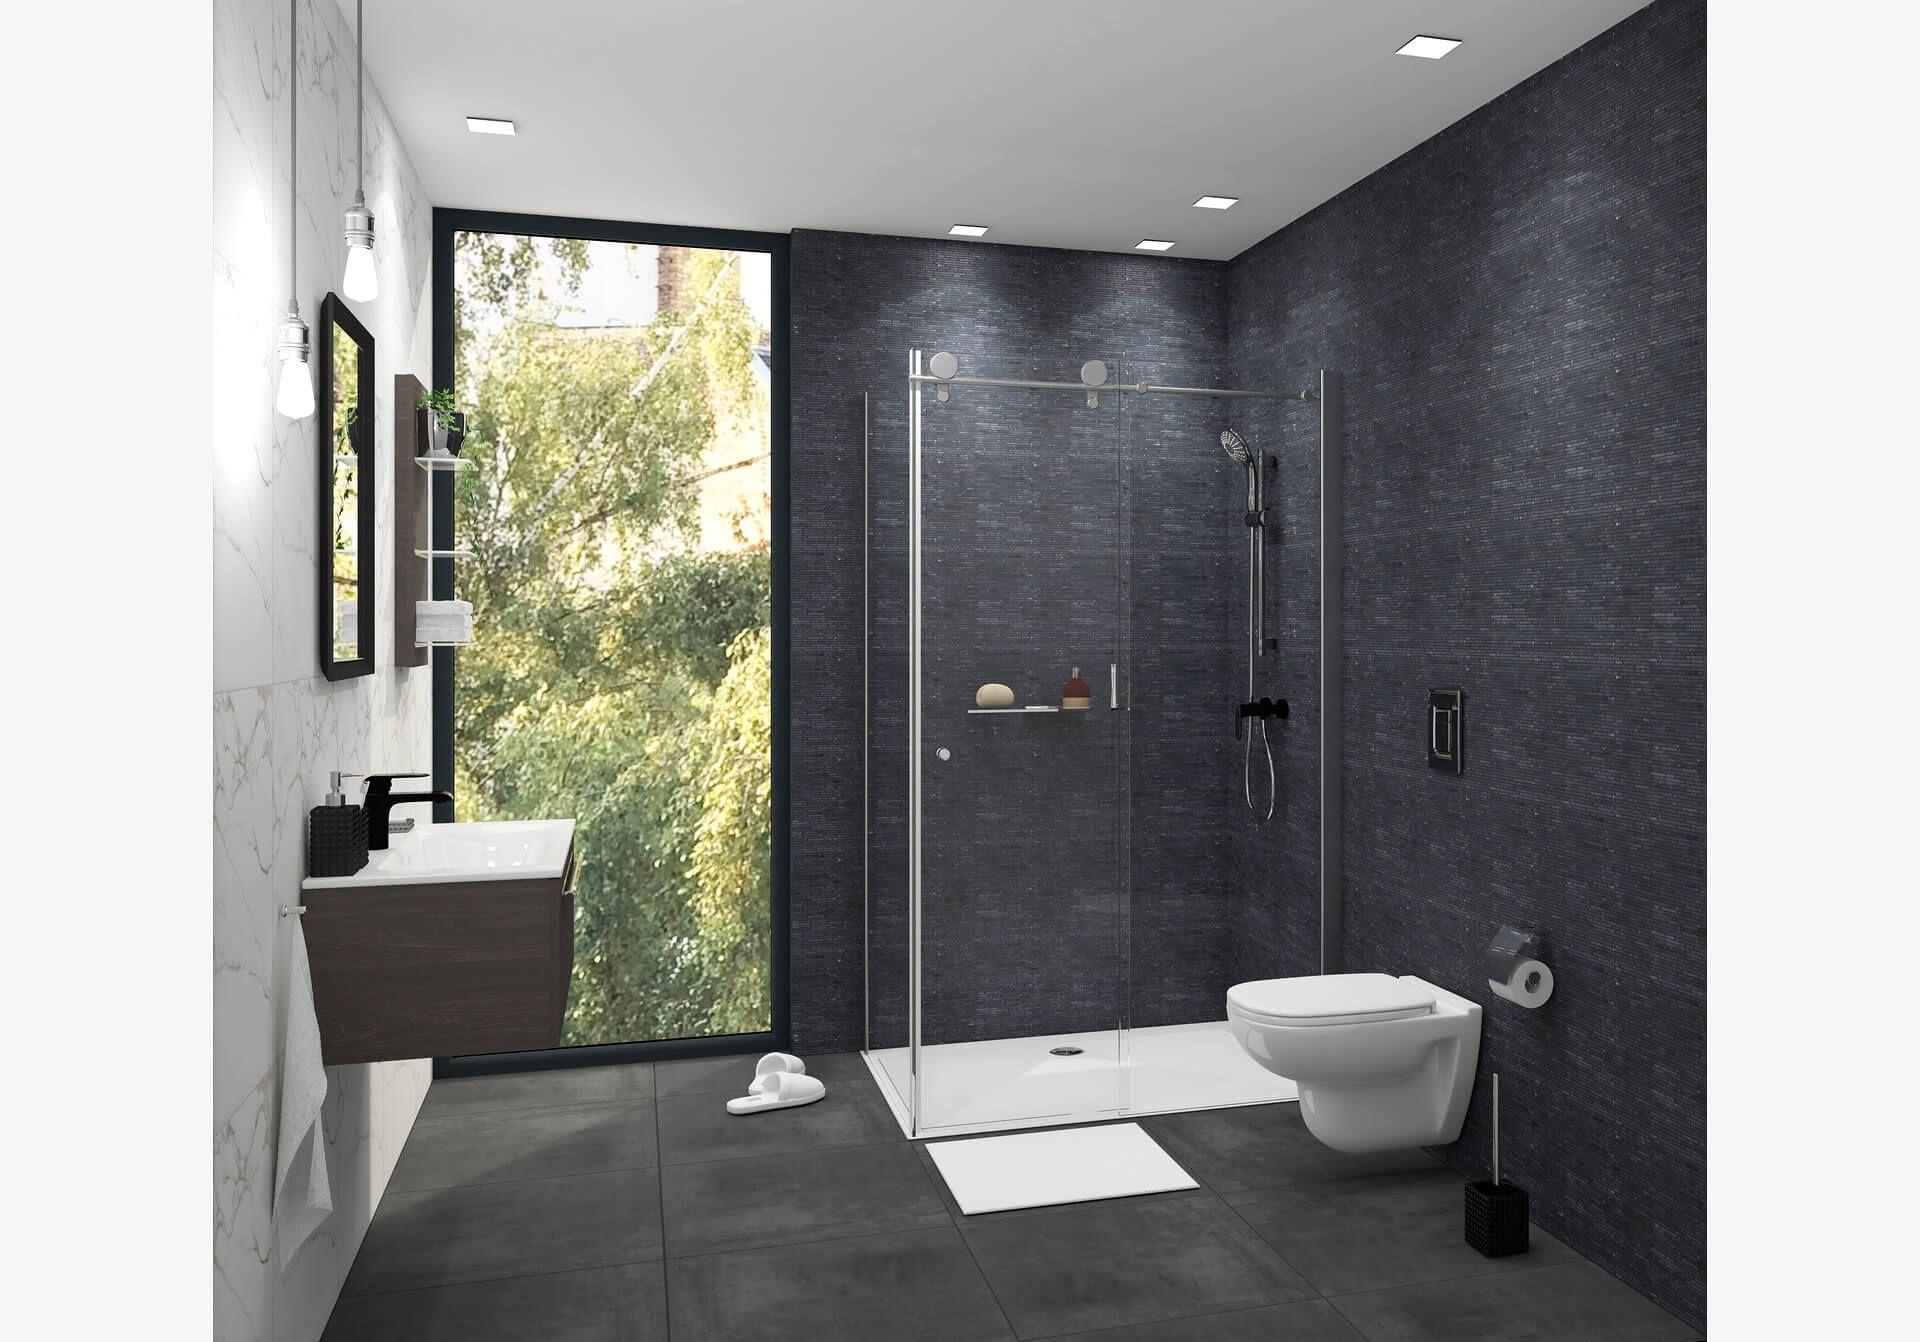 5 Qm Badezimmer Ideen   muenstermann textilveredelung